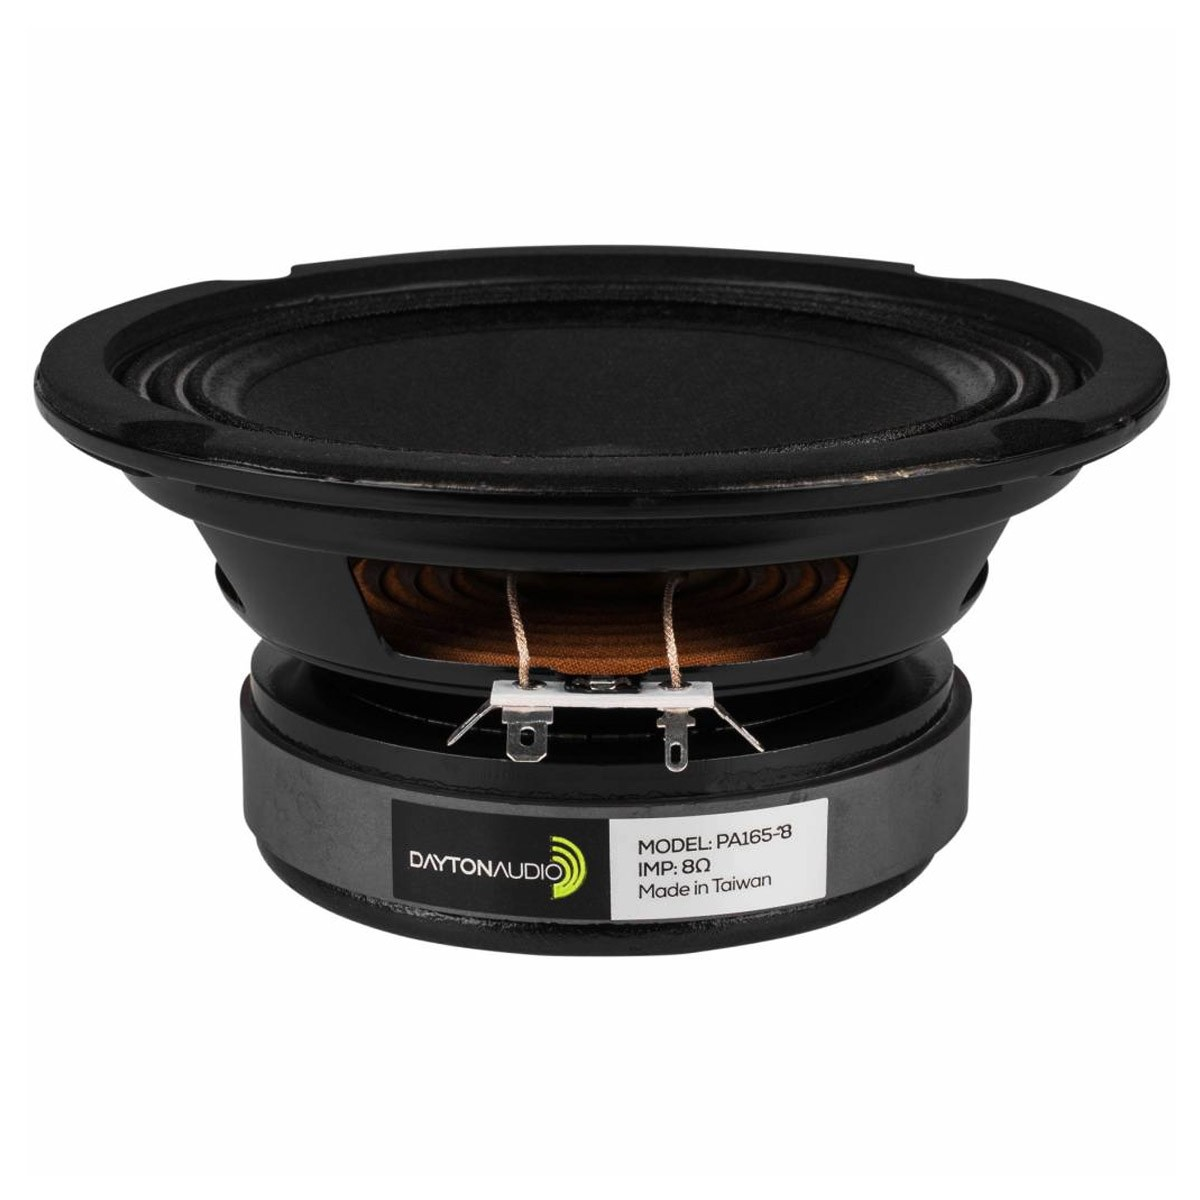 DAYTON AUDIO PA165-8 Speaker Driver Woofer / Midbass 75W 8 Ohm 92.9dB 80Hz - 5kHz Ø15.2cm